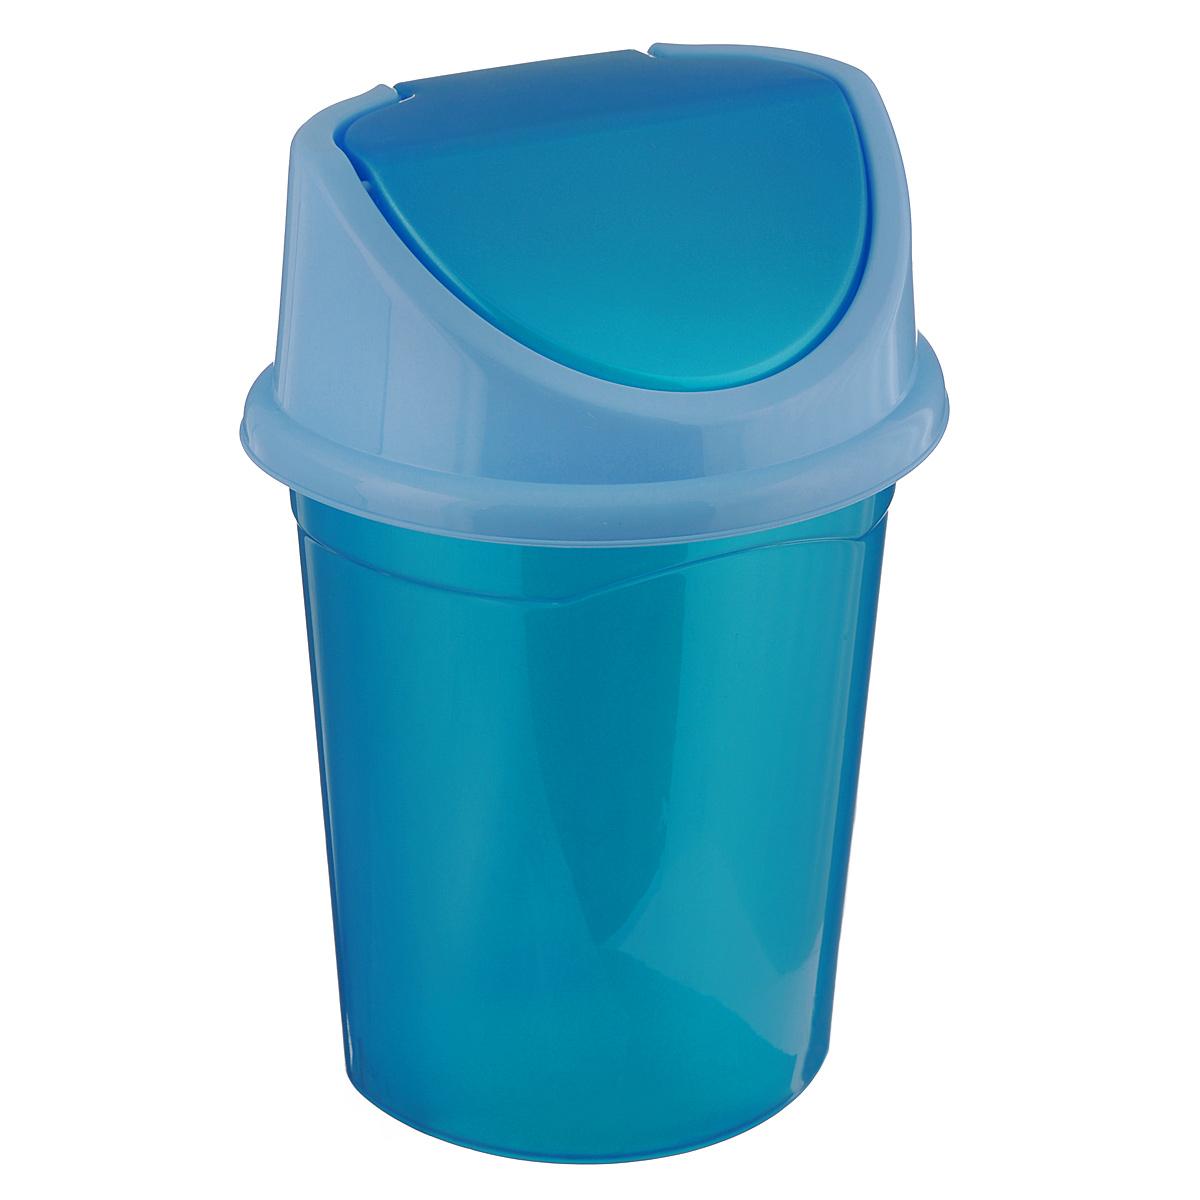 Контейнер для мусора Violet, цвет: бирюзовый, голубой, 14 л68/5/3Контейнер для мусора Violet изготовлен из прочного пластика. Контейнер снабжен удобной съемной крышкой с подвижной перегородкой. В нем удобно хранить мелкий мусор. Благодаря лаконичному дизайну такой контейнер идеально впишется в интерьер и дома, и офиса.Размер изделия: 29 см х 31,5 см х 45 см.